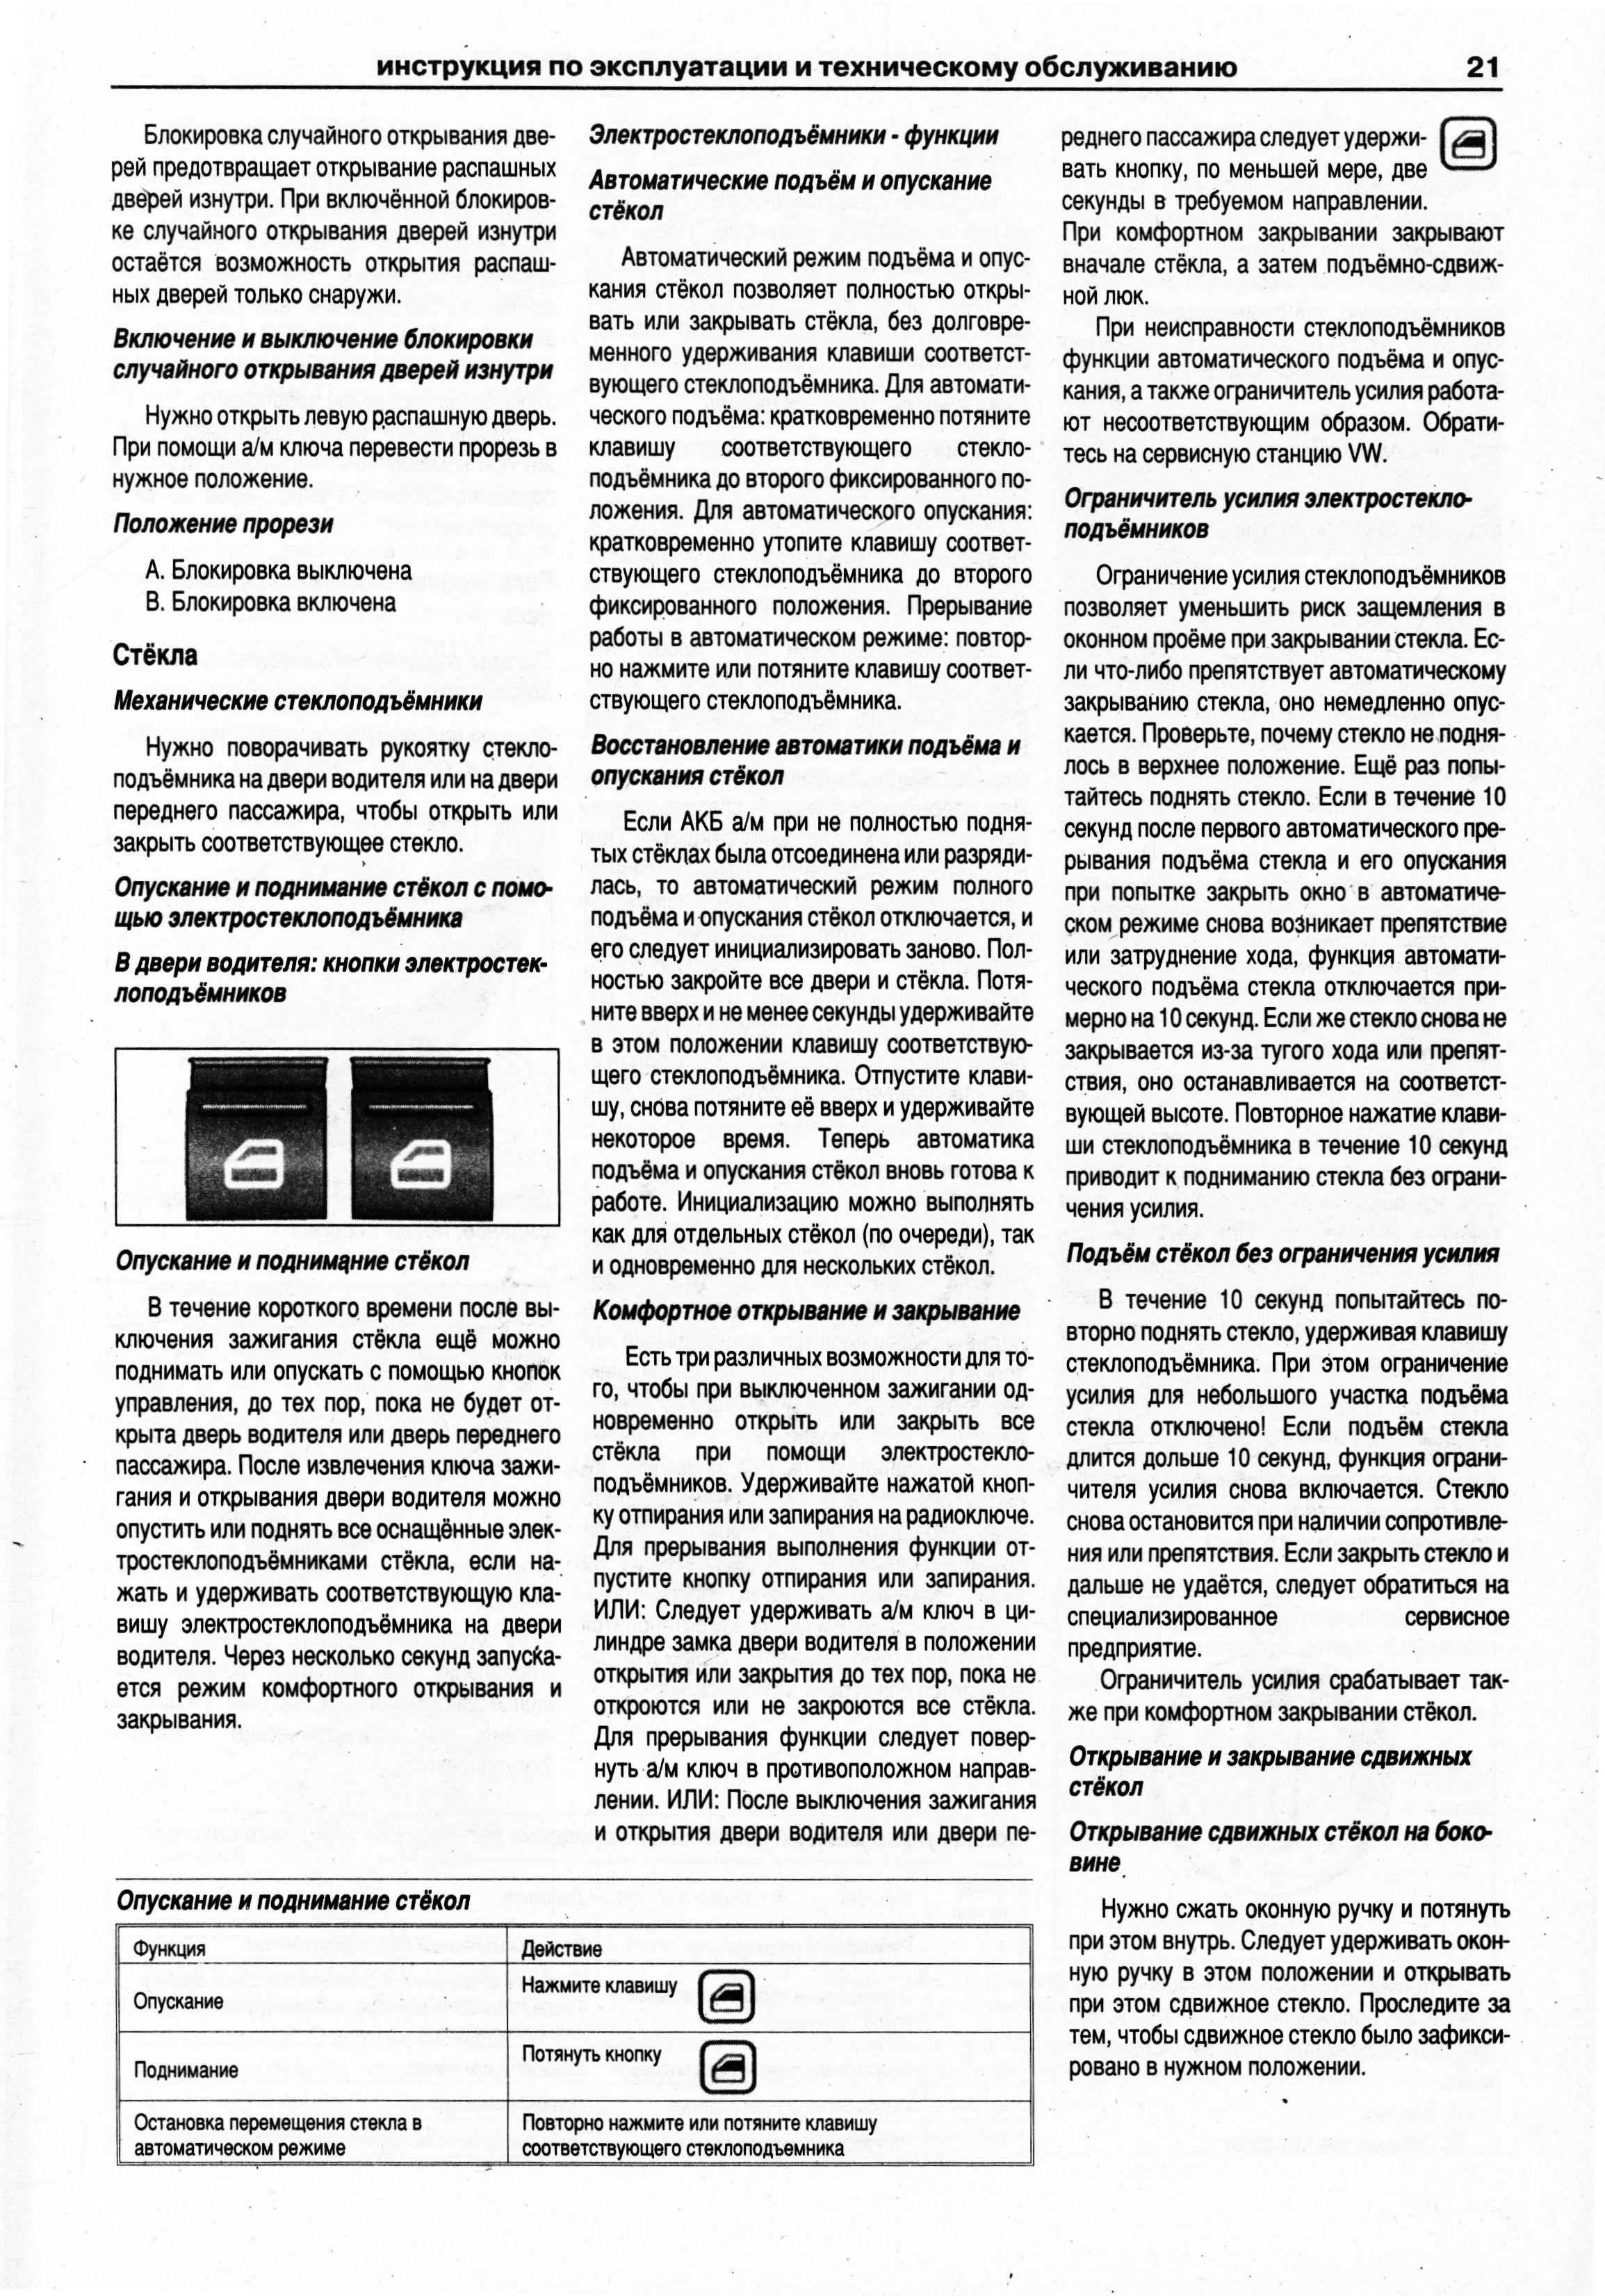 Инструкция По Эксплуатации Фольксваген Транспортер